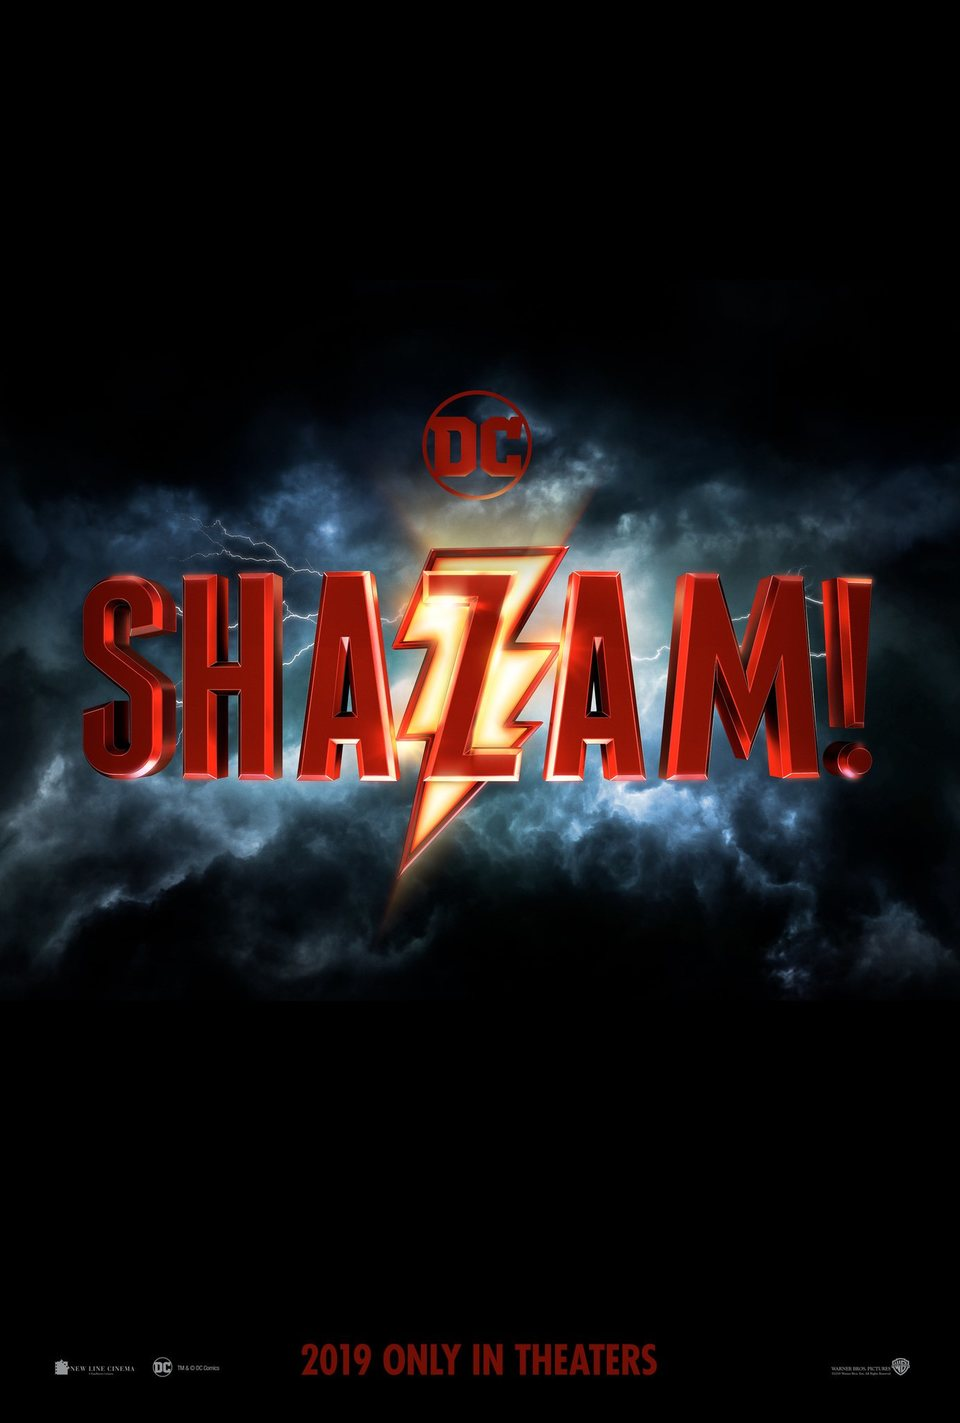 Cartel Teaser 1 de '¡Shazam!'